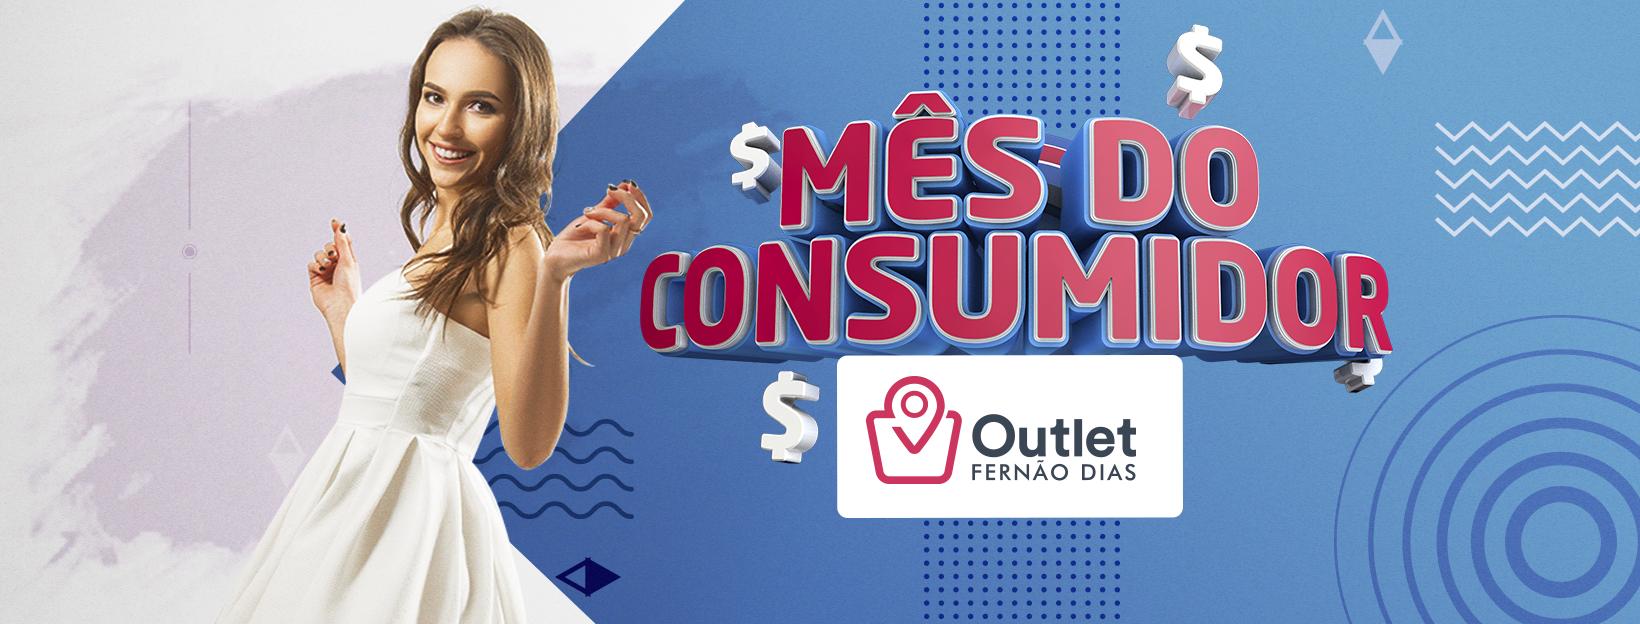 Mês Do Consumidor